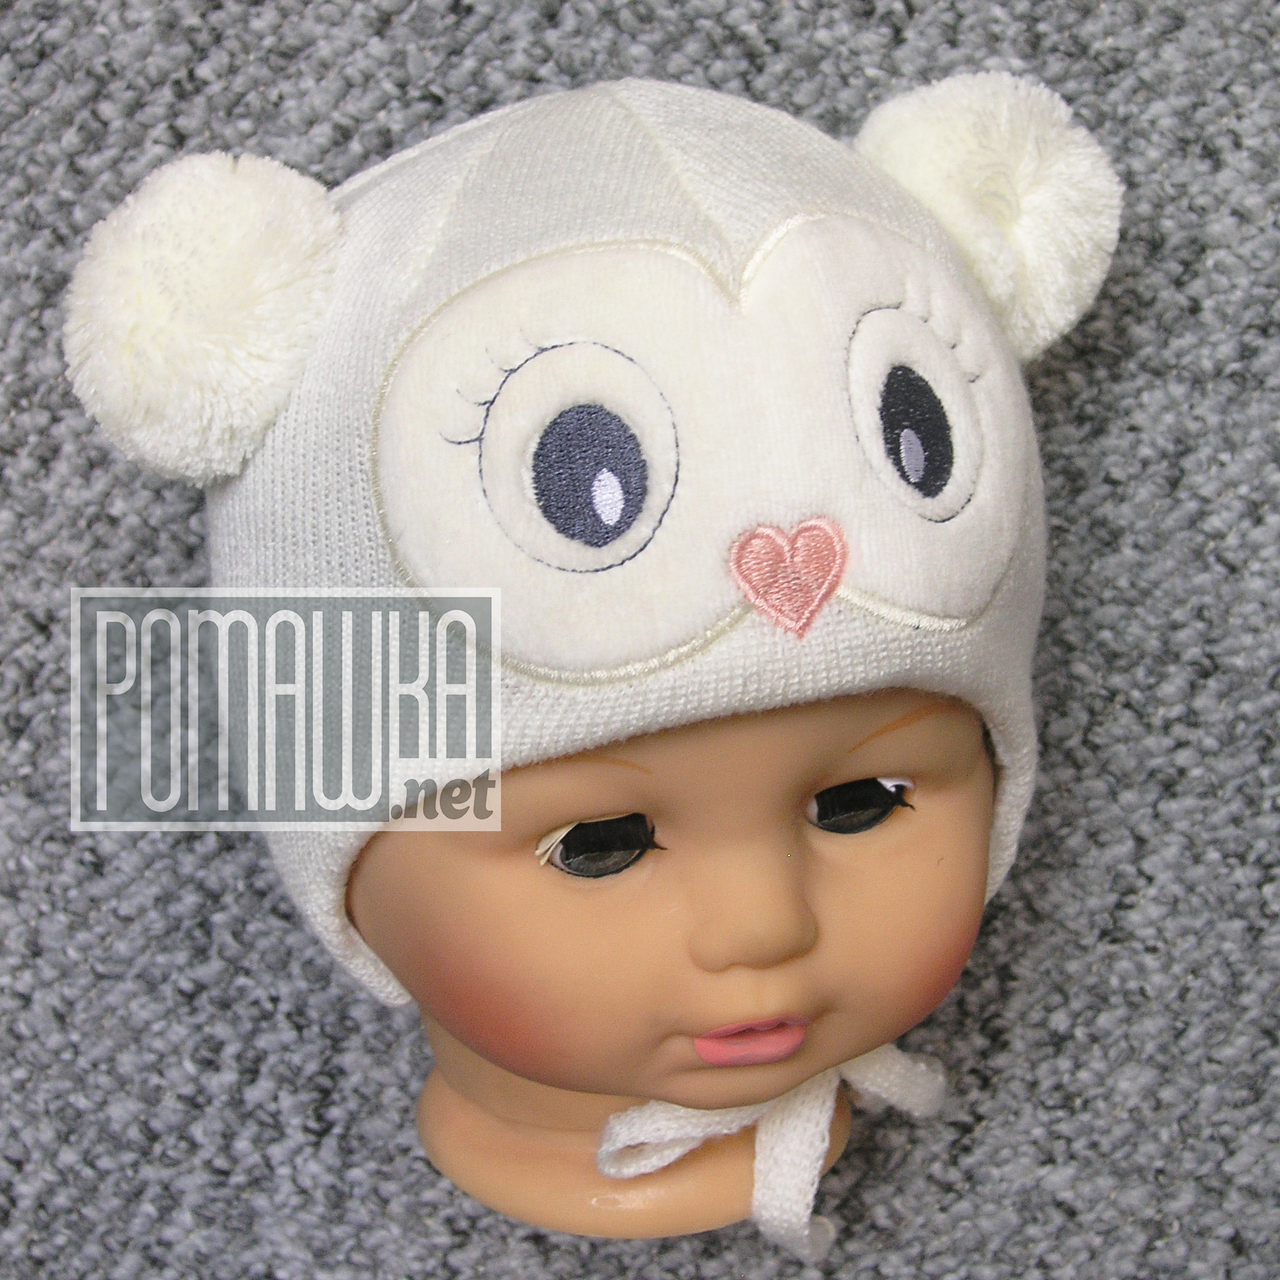 Вязаная шапочка осень весна р 36-40 0-5 мес для девочки новорожденных малышей осенняя весенняя 4811 Бежевый